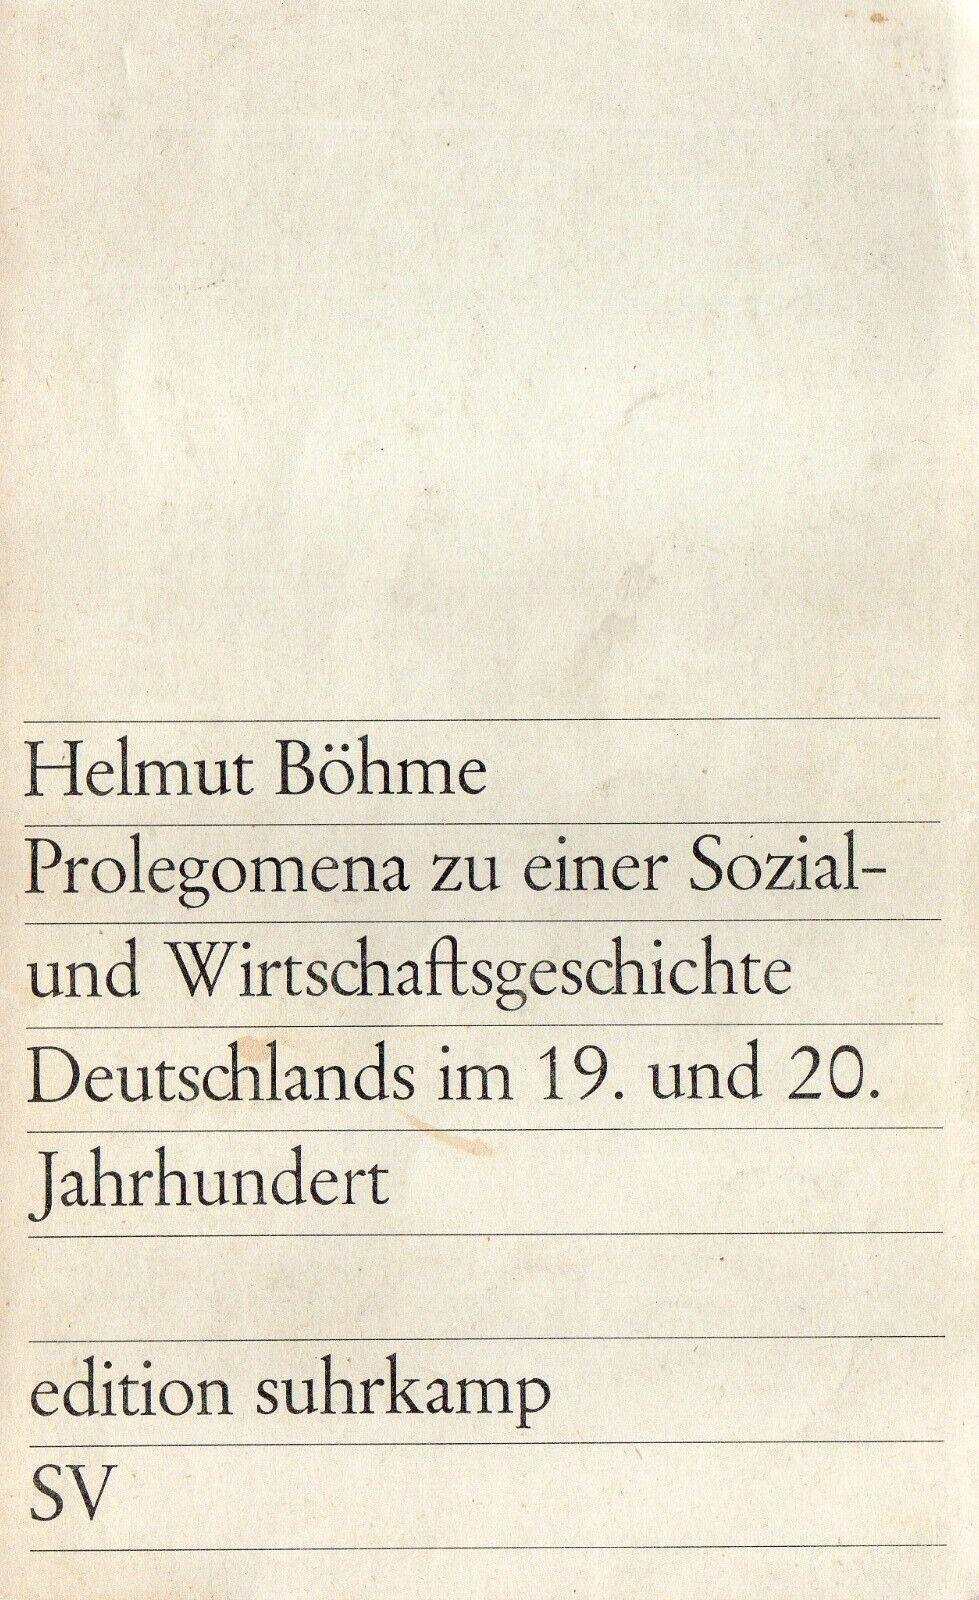 Prolegomena zu einer Sozial- und Wirtschaftsgeschichte | Buch | Helmut Böhme